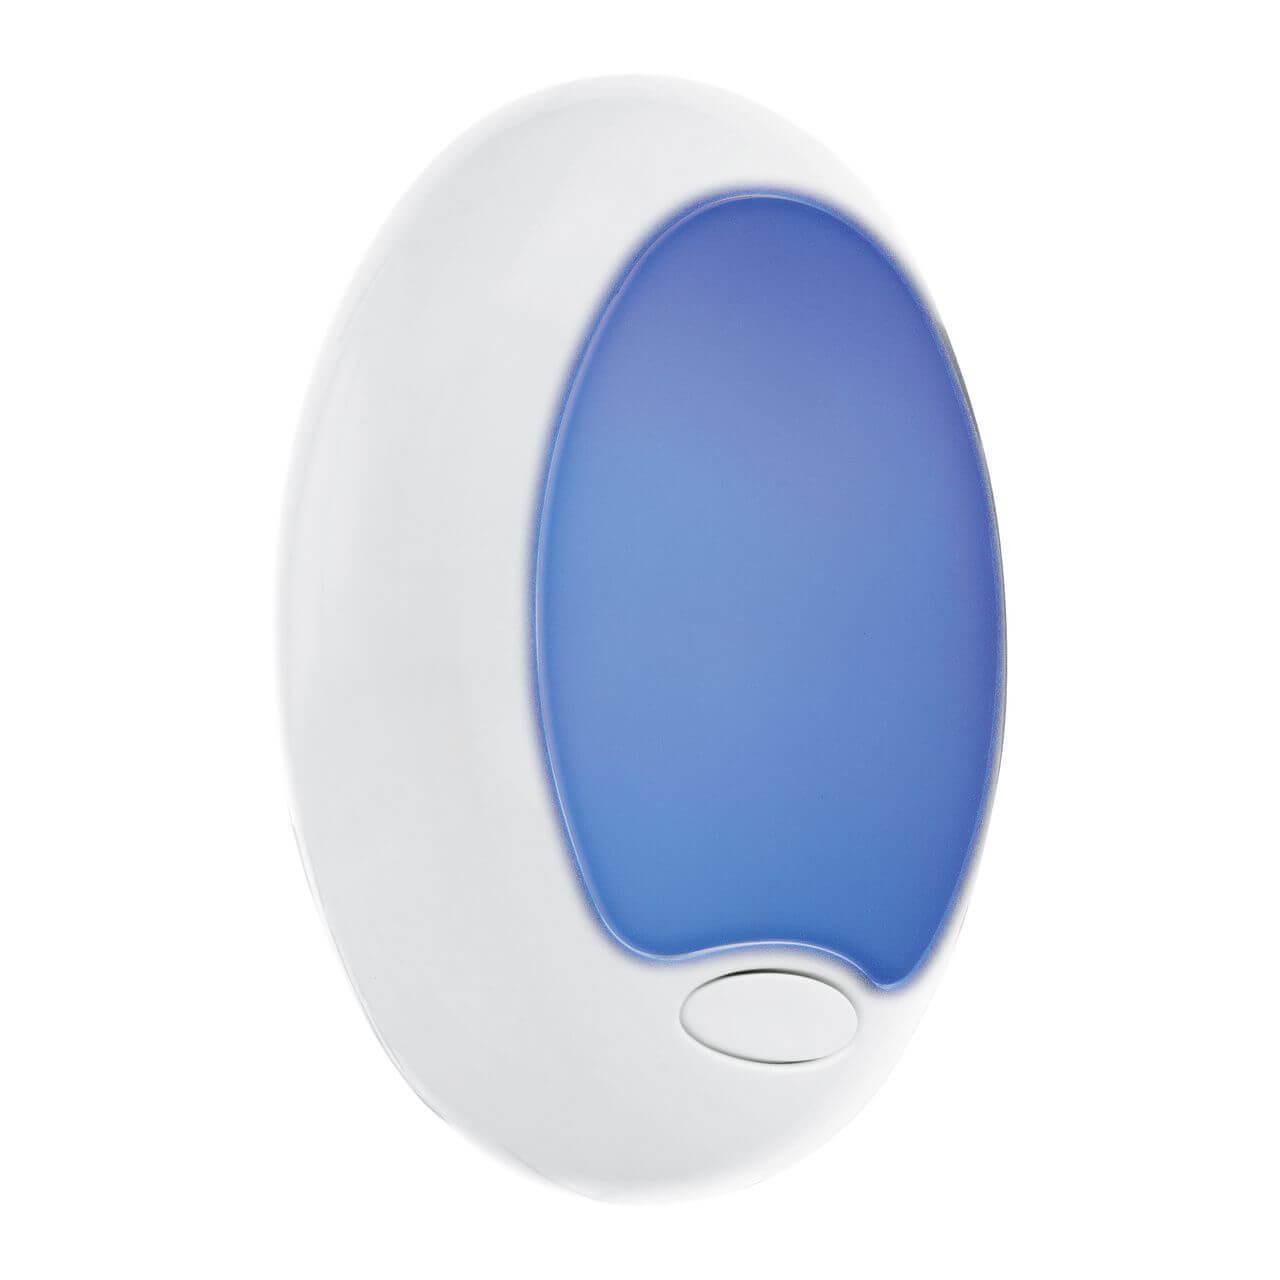 Настенный светильник Eglo Tineo 92964 настенный светильник eglo 92964